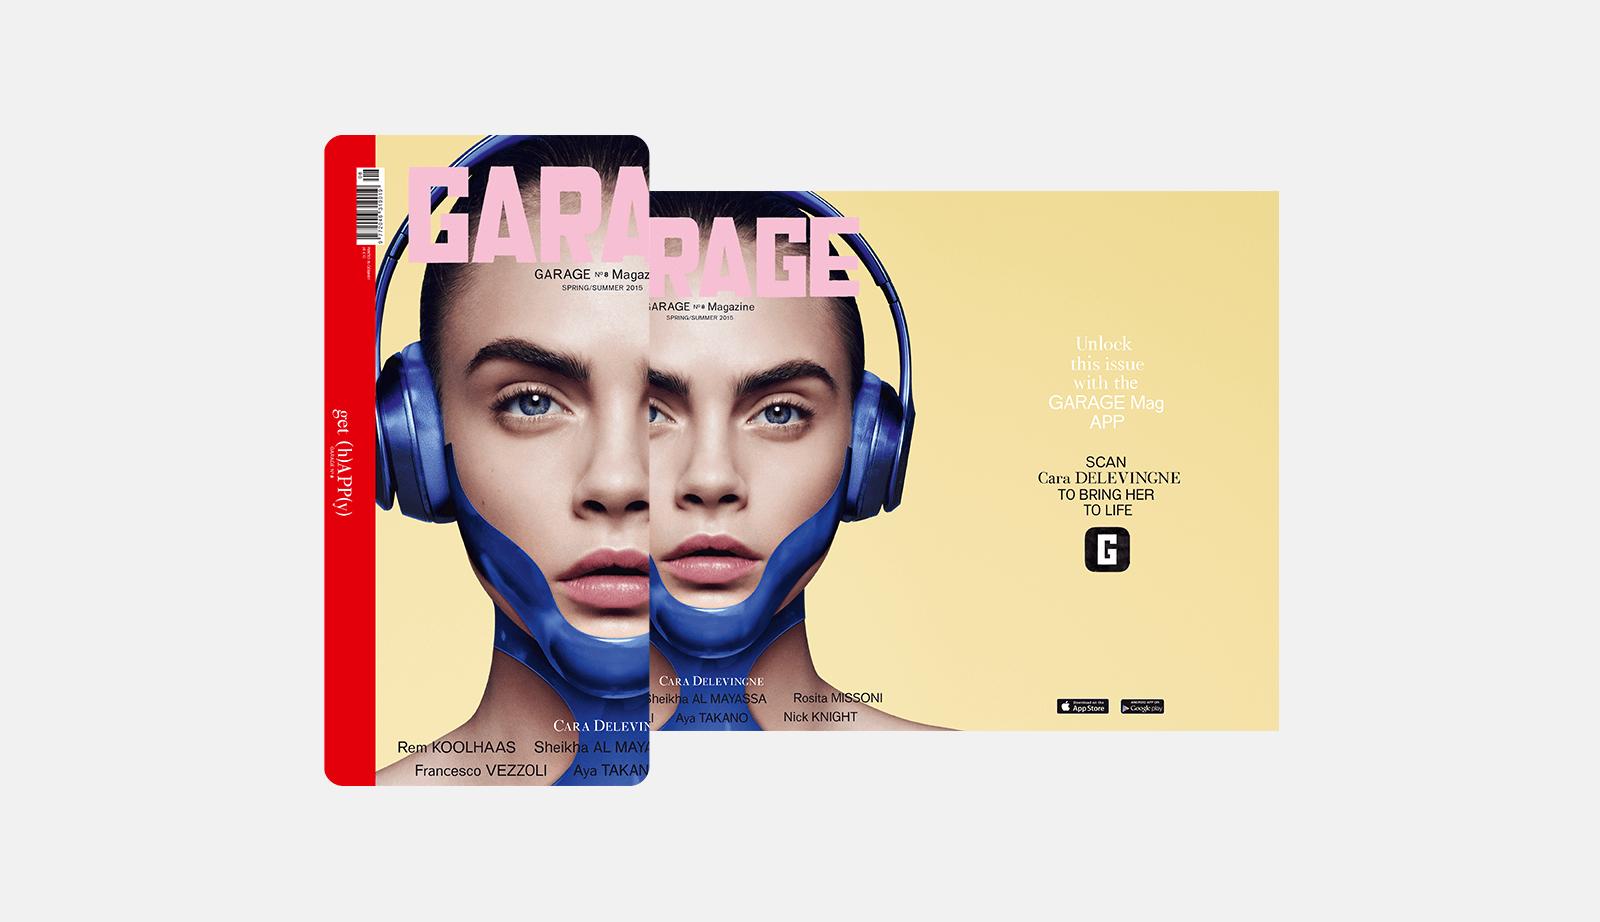 garage_magazine_caradelevingne